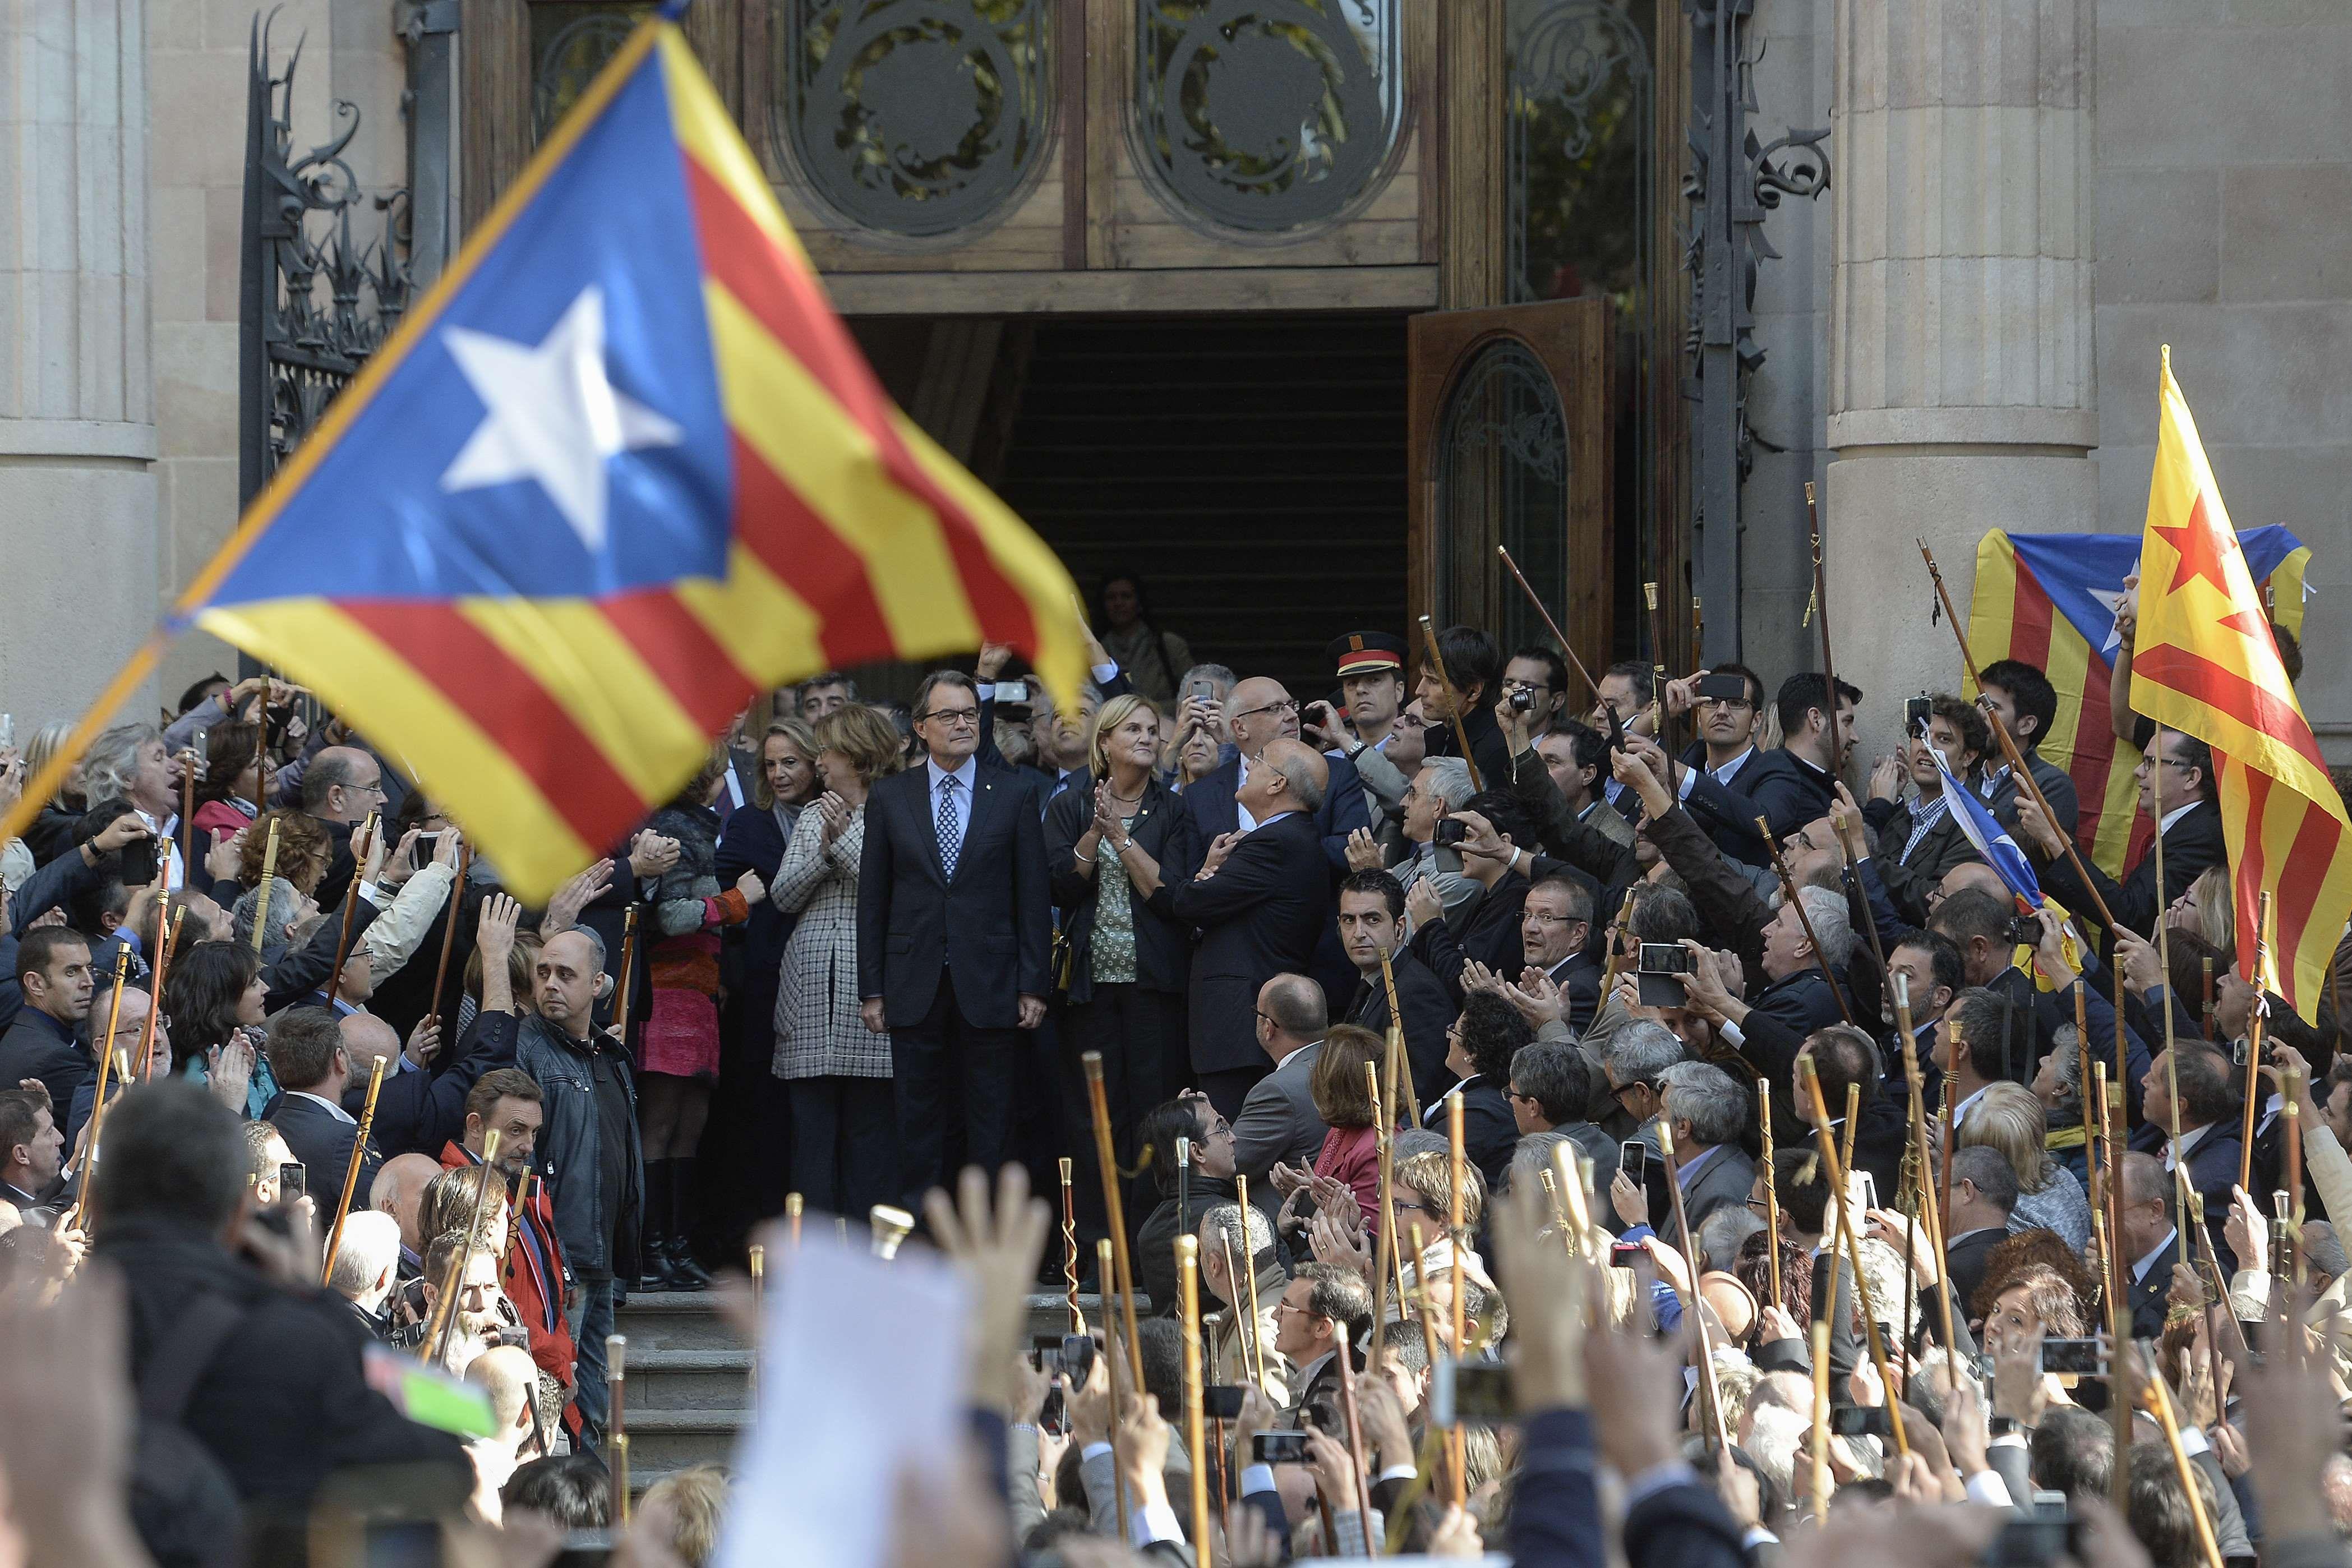 Futuro incierto. Los nacionalistas aclamaron a Mas ante la Corte. Se enfrenta a penas de 10 años de inhabilitación.